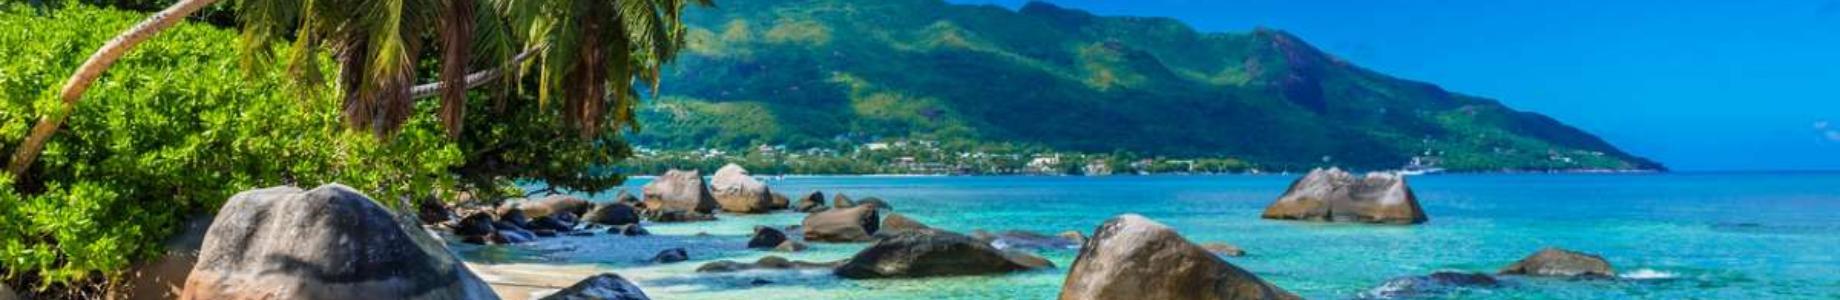 Отдых на яхте: что смотреть, если вы внезапно очутились посреди Сейшельских островов